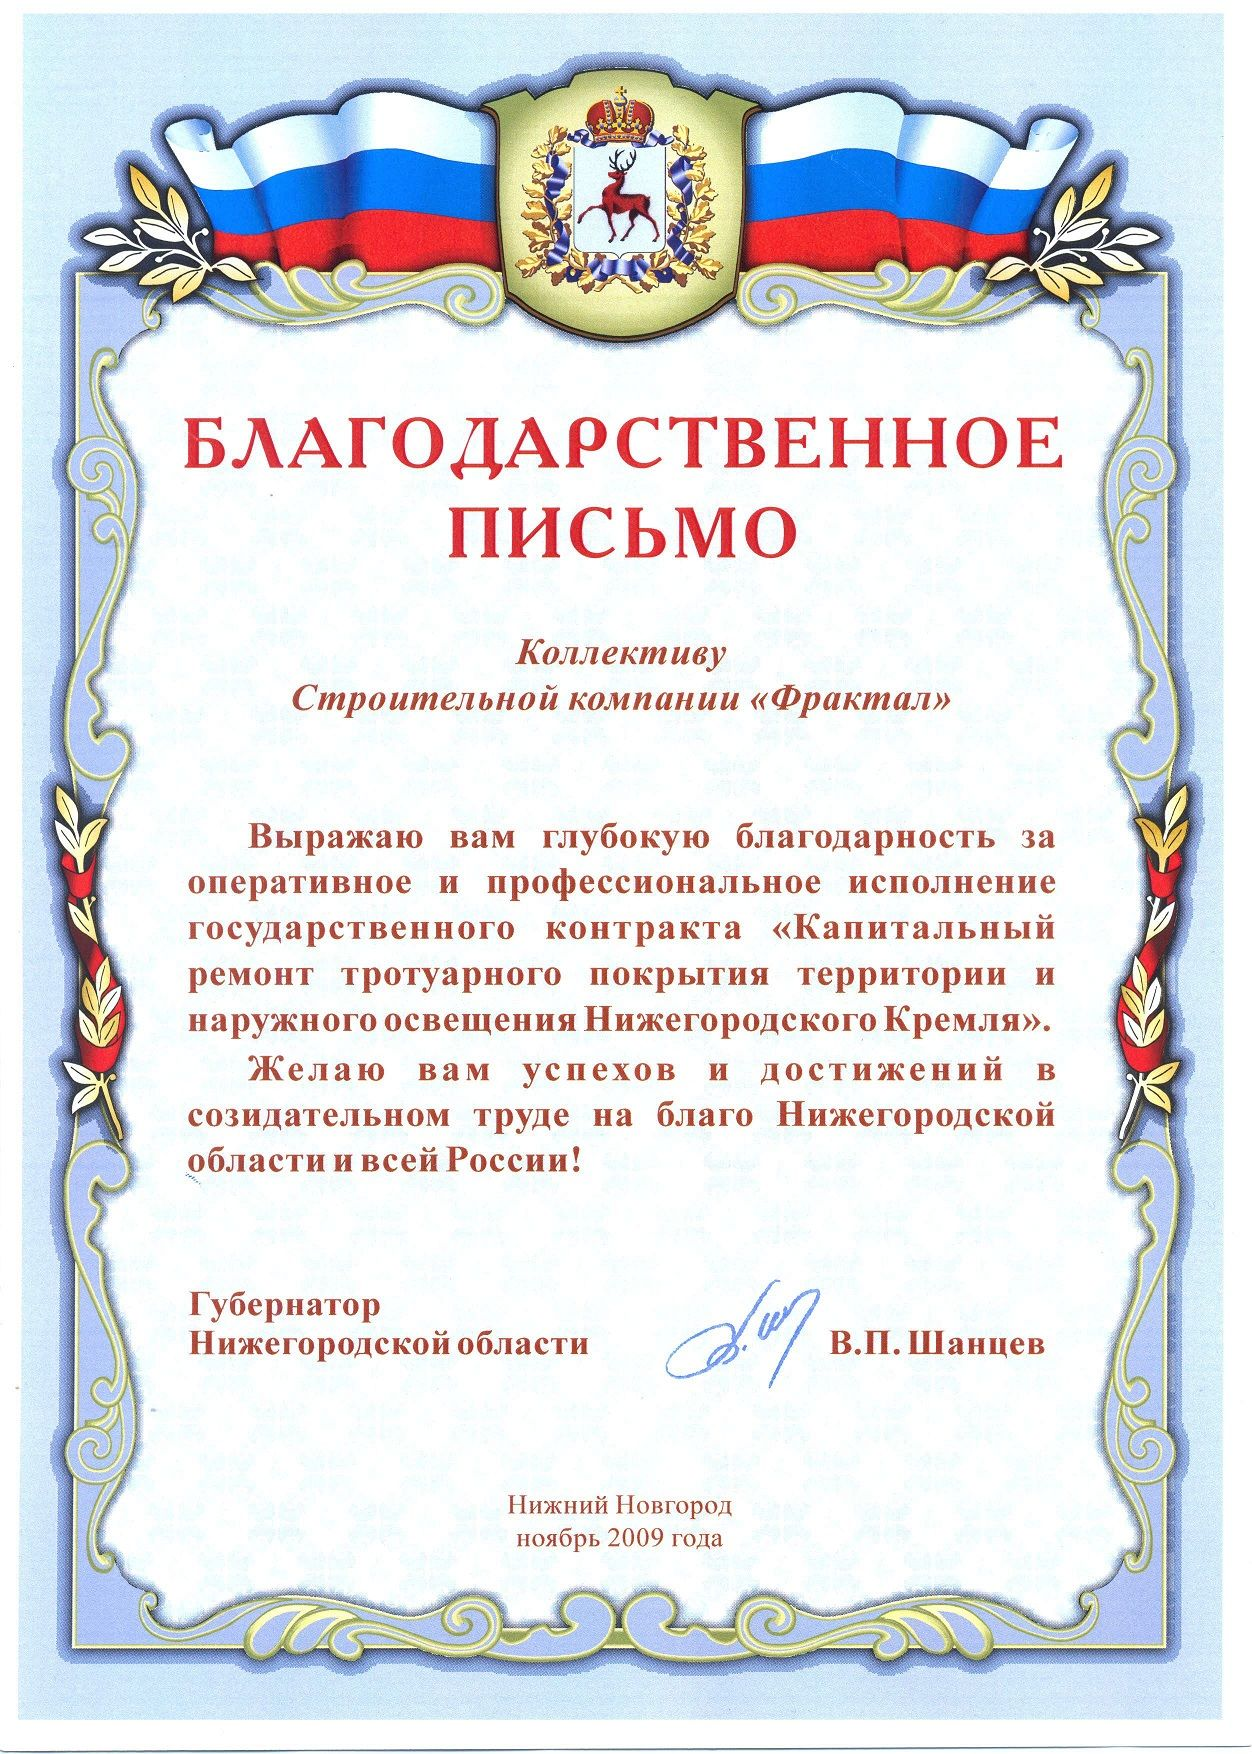 Благодарственное письмо коллективу образец текста 3 фото